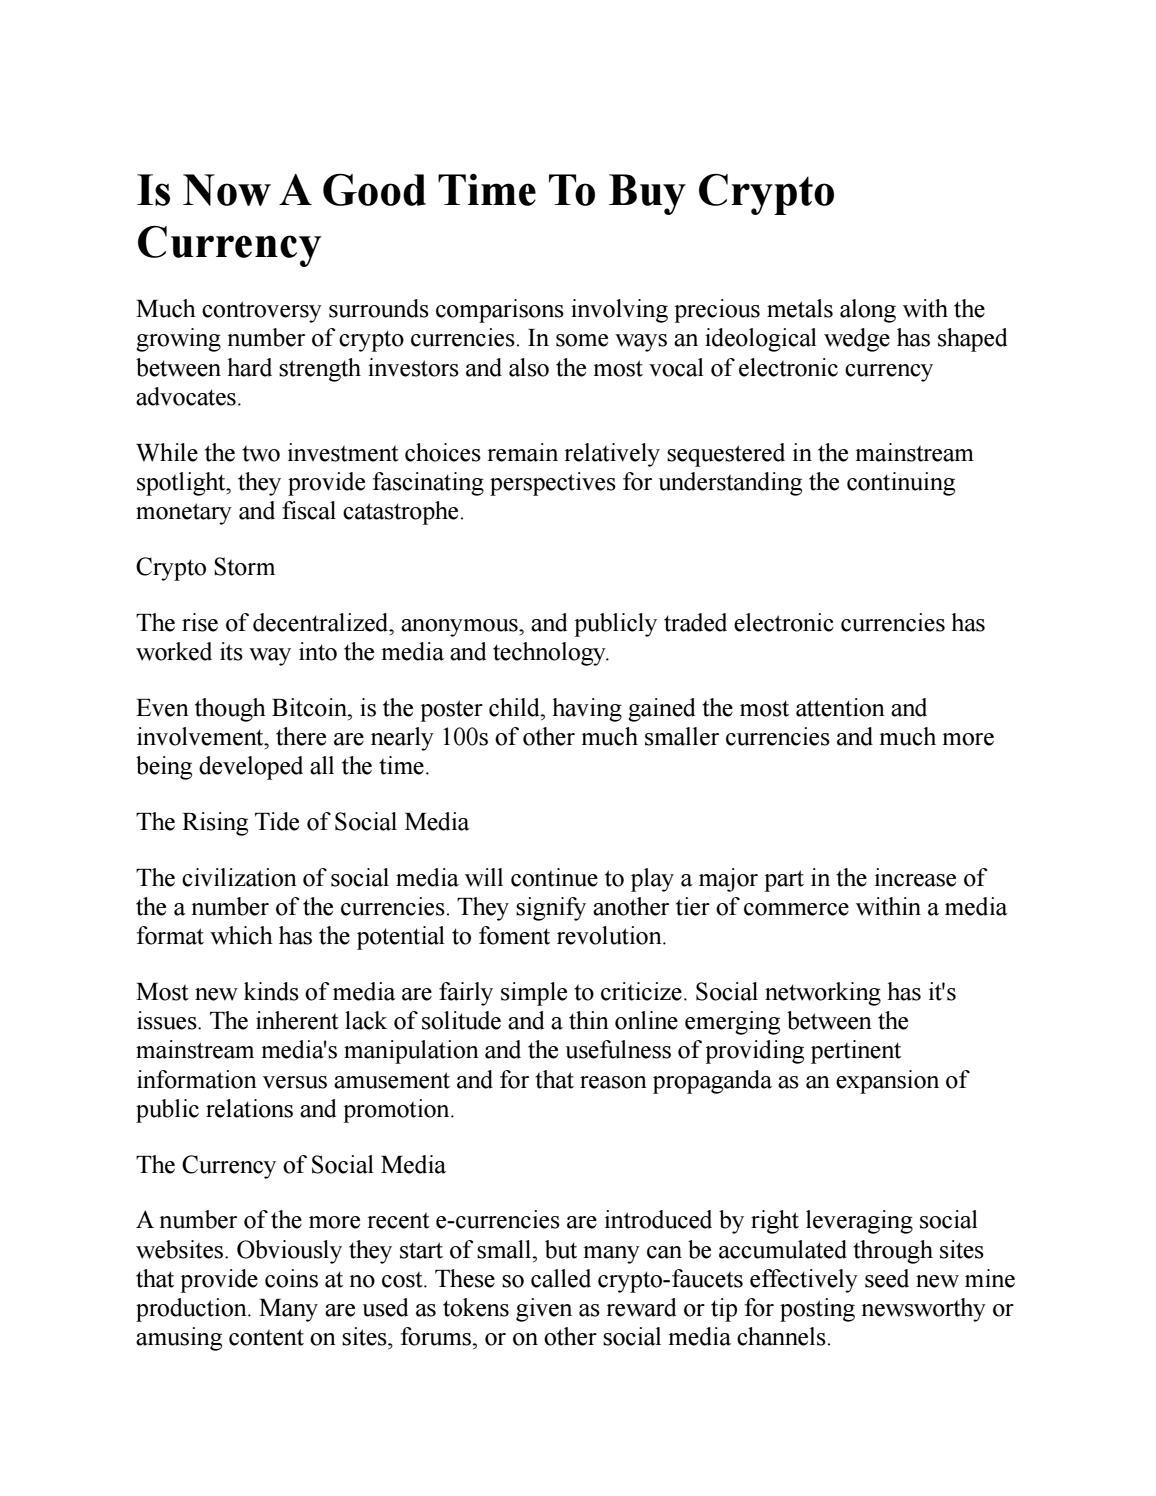 precious metals vs cryptocurrency